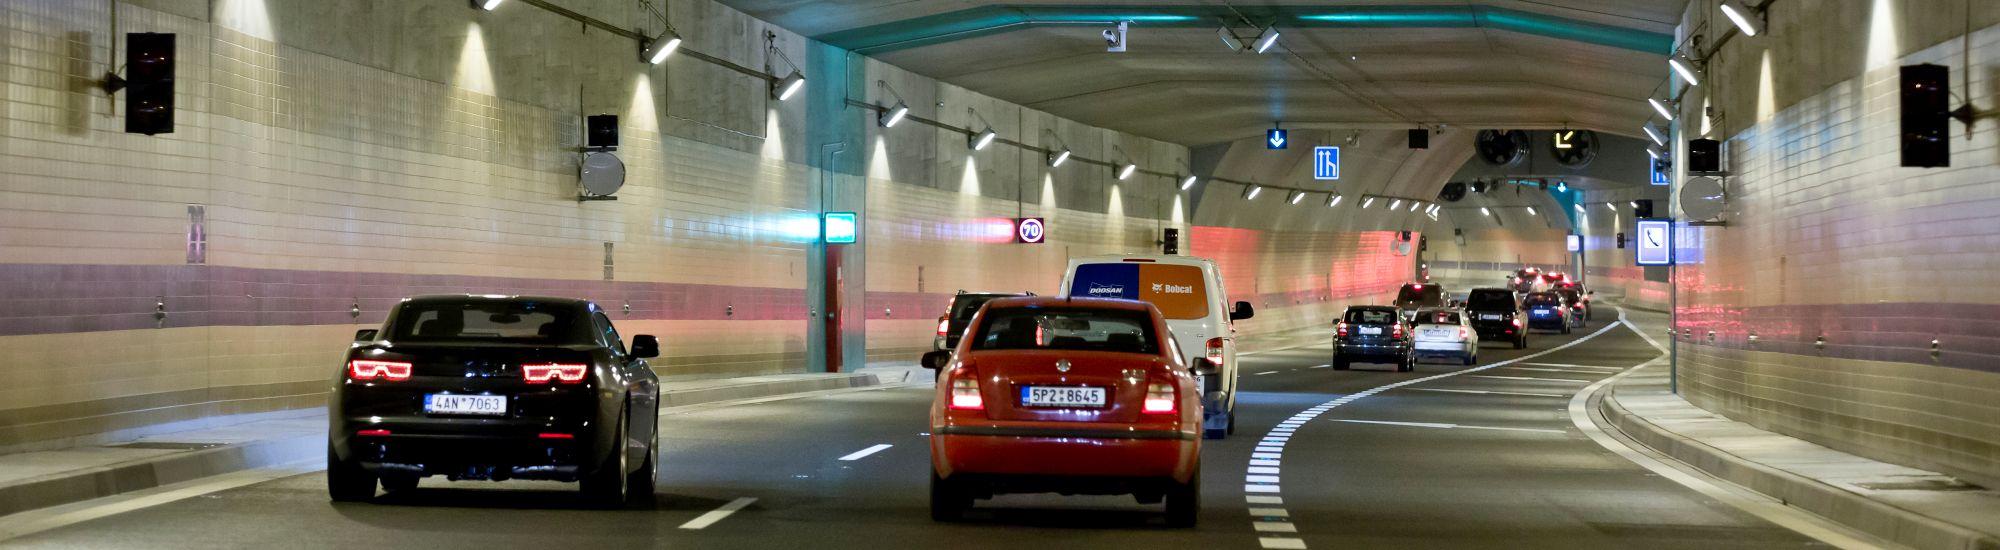 Intenzity dopravy 24 týdnů po zprovoznění